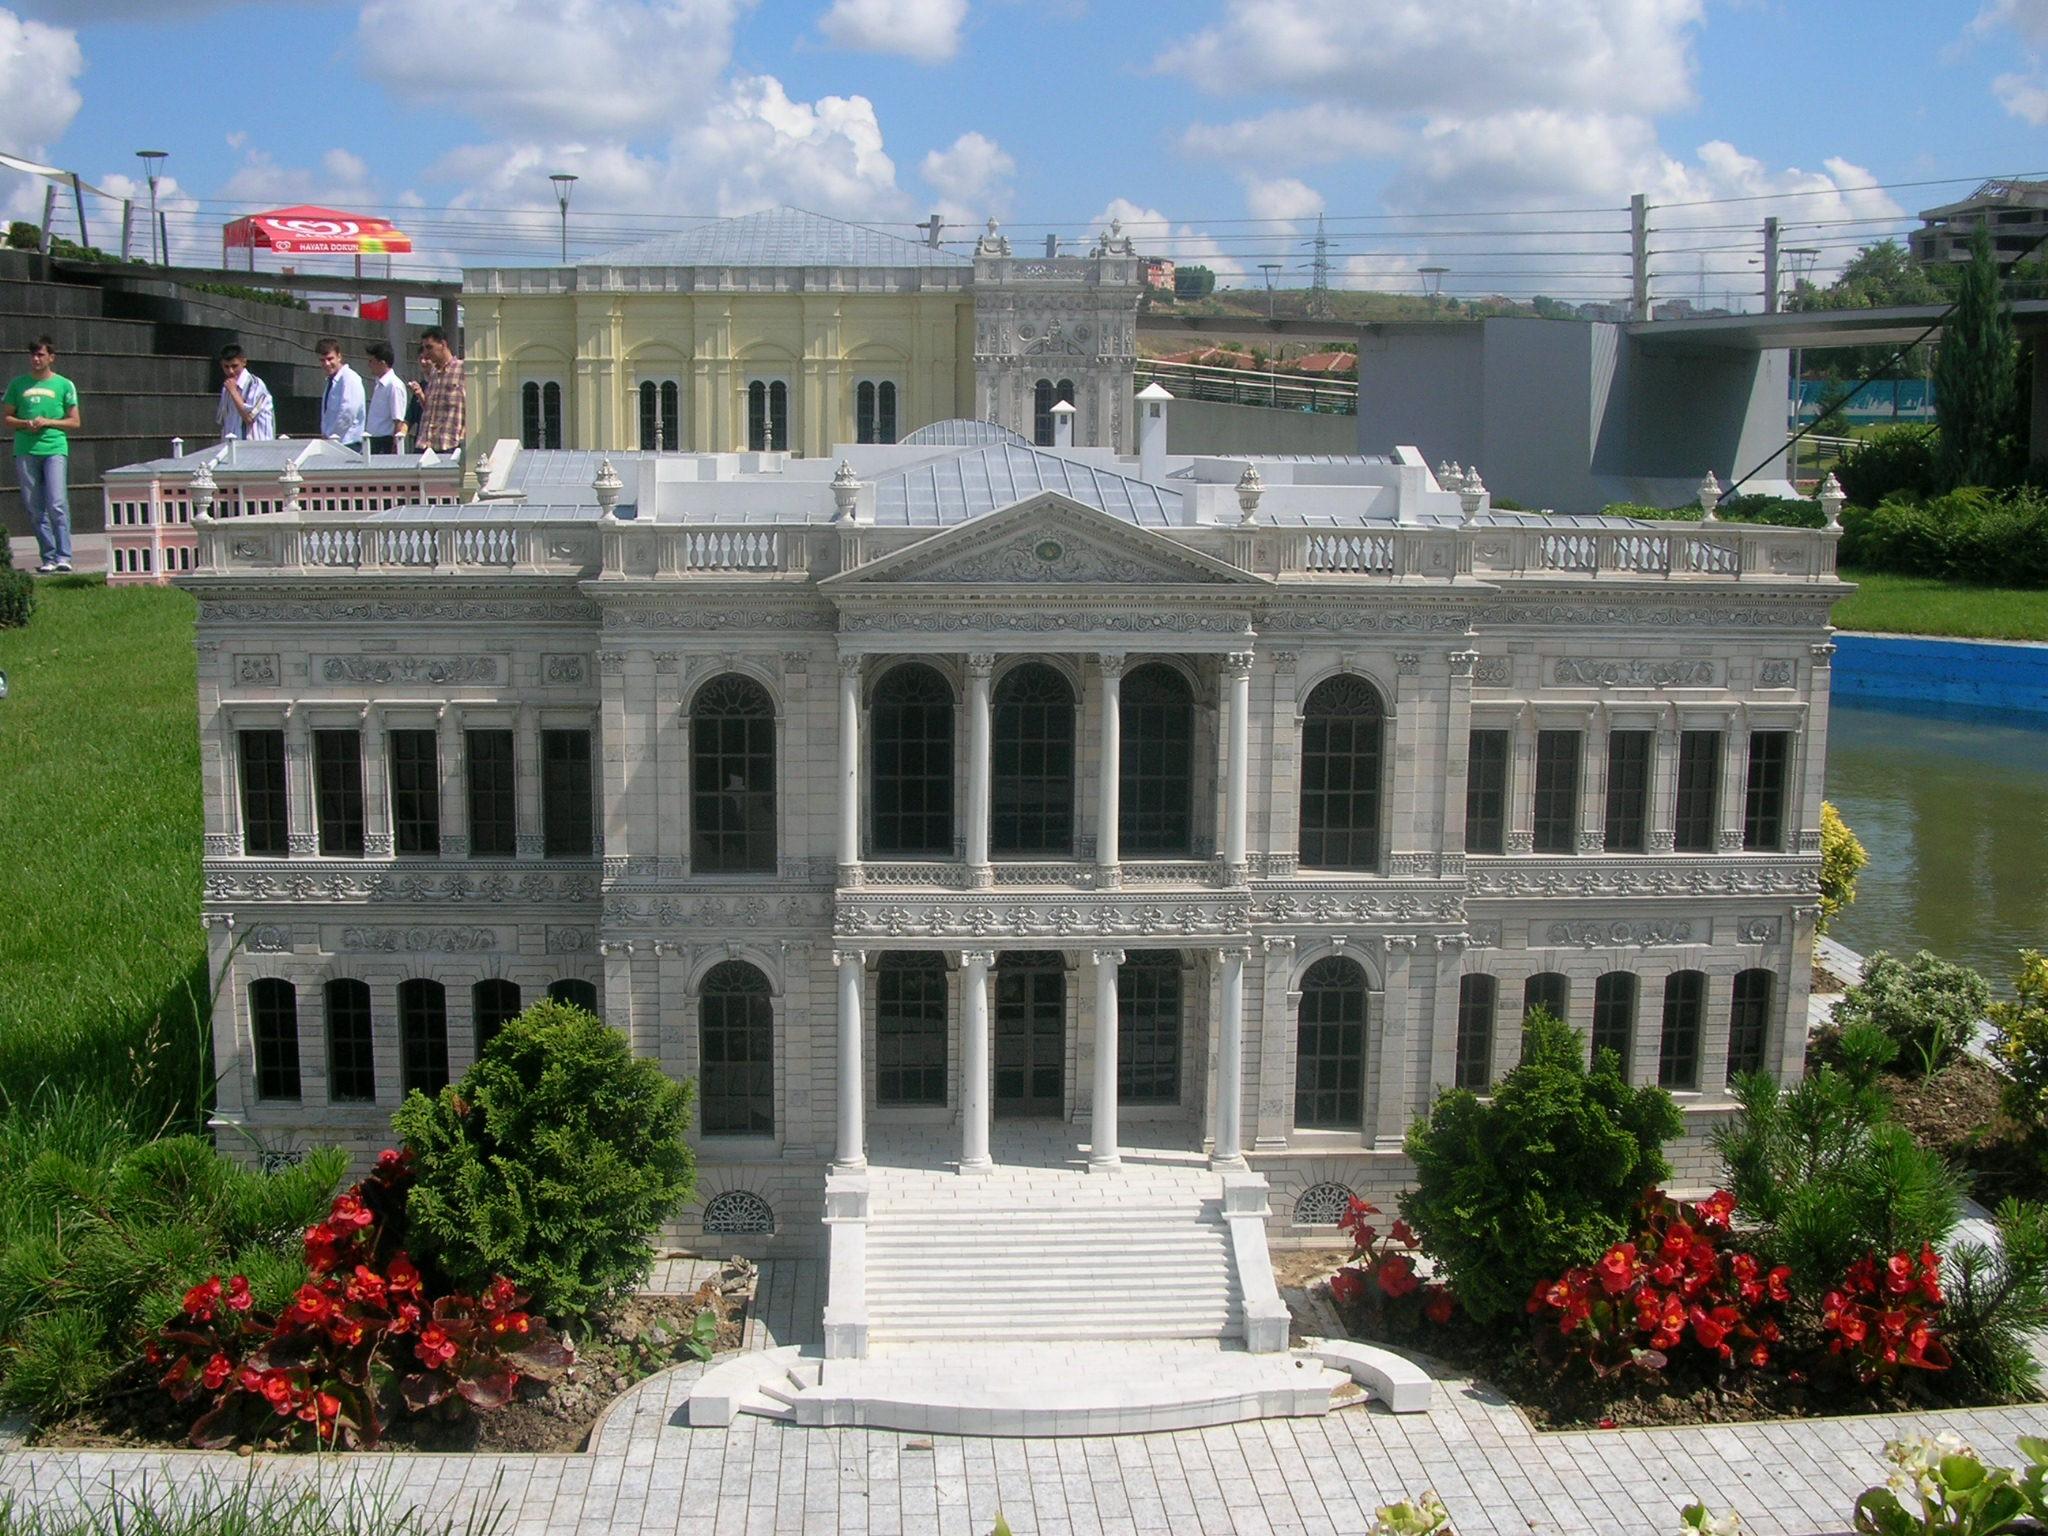 MİNİATURK Türkiye'nin ilk Miniaturk projesinin temeli, Haziran 2001'de atıldı, Mayıs 2003 yılında ise hizmete açıldı. Toplam 60 bin metrekare alan üzerine kurulan Miniaturk'te, 15 bin metrekare maket alanı, 40 bin metrekare yeşil ve açık alan, 3 bin 500 metrekare kapalı alan, 2 bin metrekare havuz ve suyolu, 500 araçlık otopark yer alıyor.  Türkiye ve Osmanlı coğrafyasından seçilmiş eserlerin 1/25 ölçekli maketlerinin bulunduğu Miniaturk'te yer alan eserlerden bazıları şunlar: Ayasofya, Selimiye, Rumeli Hisarı, Galata Kulesi, Safranbolu Evleri, Sümeli (Sümela) Manastırı, Kubbet-üs Sahra, Nemrut Dağı Kalıntıları, Artemis Tapınağı, Halikarnas Mozolesi, Ecyad Kalesi.